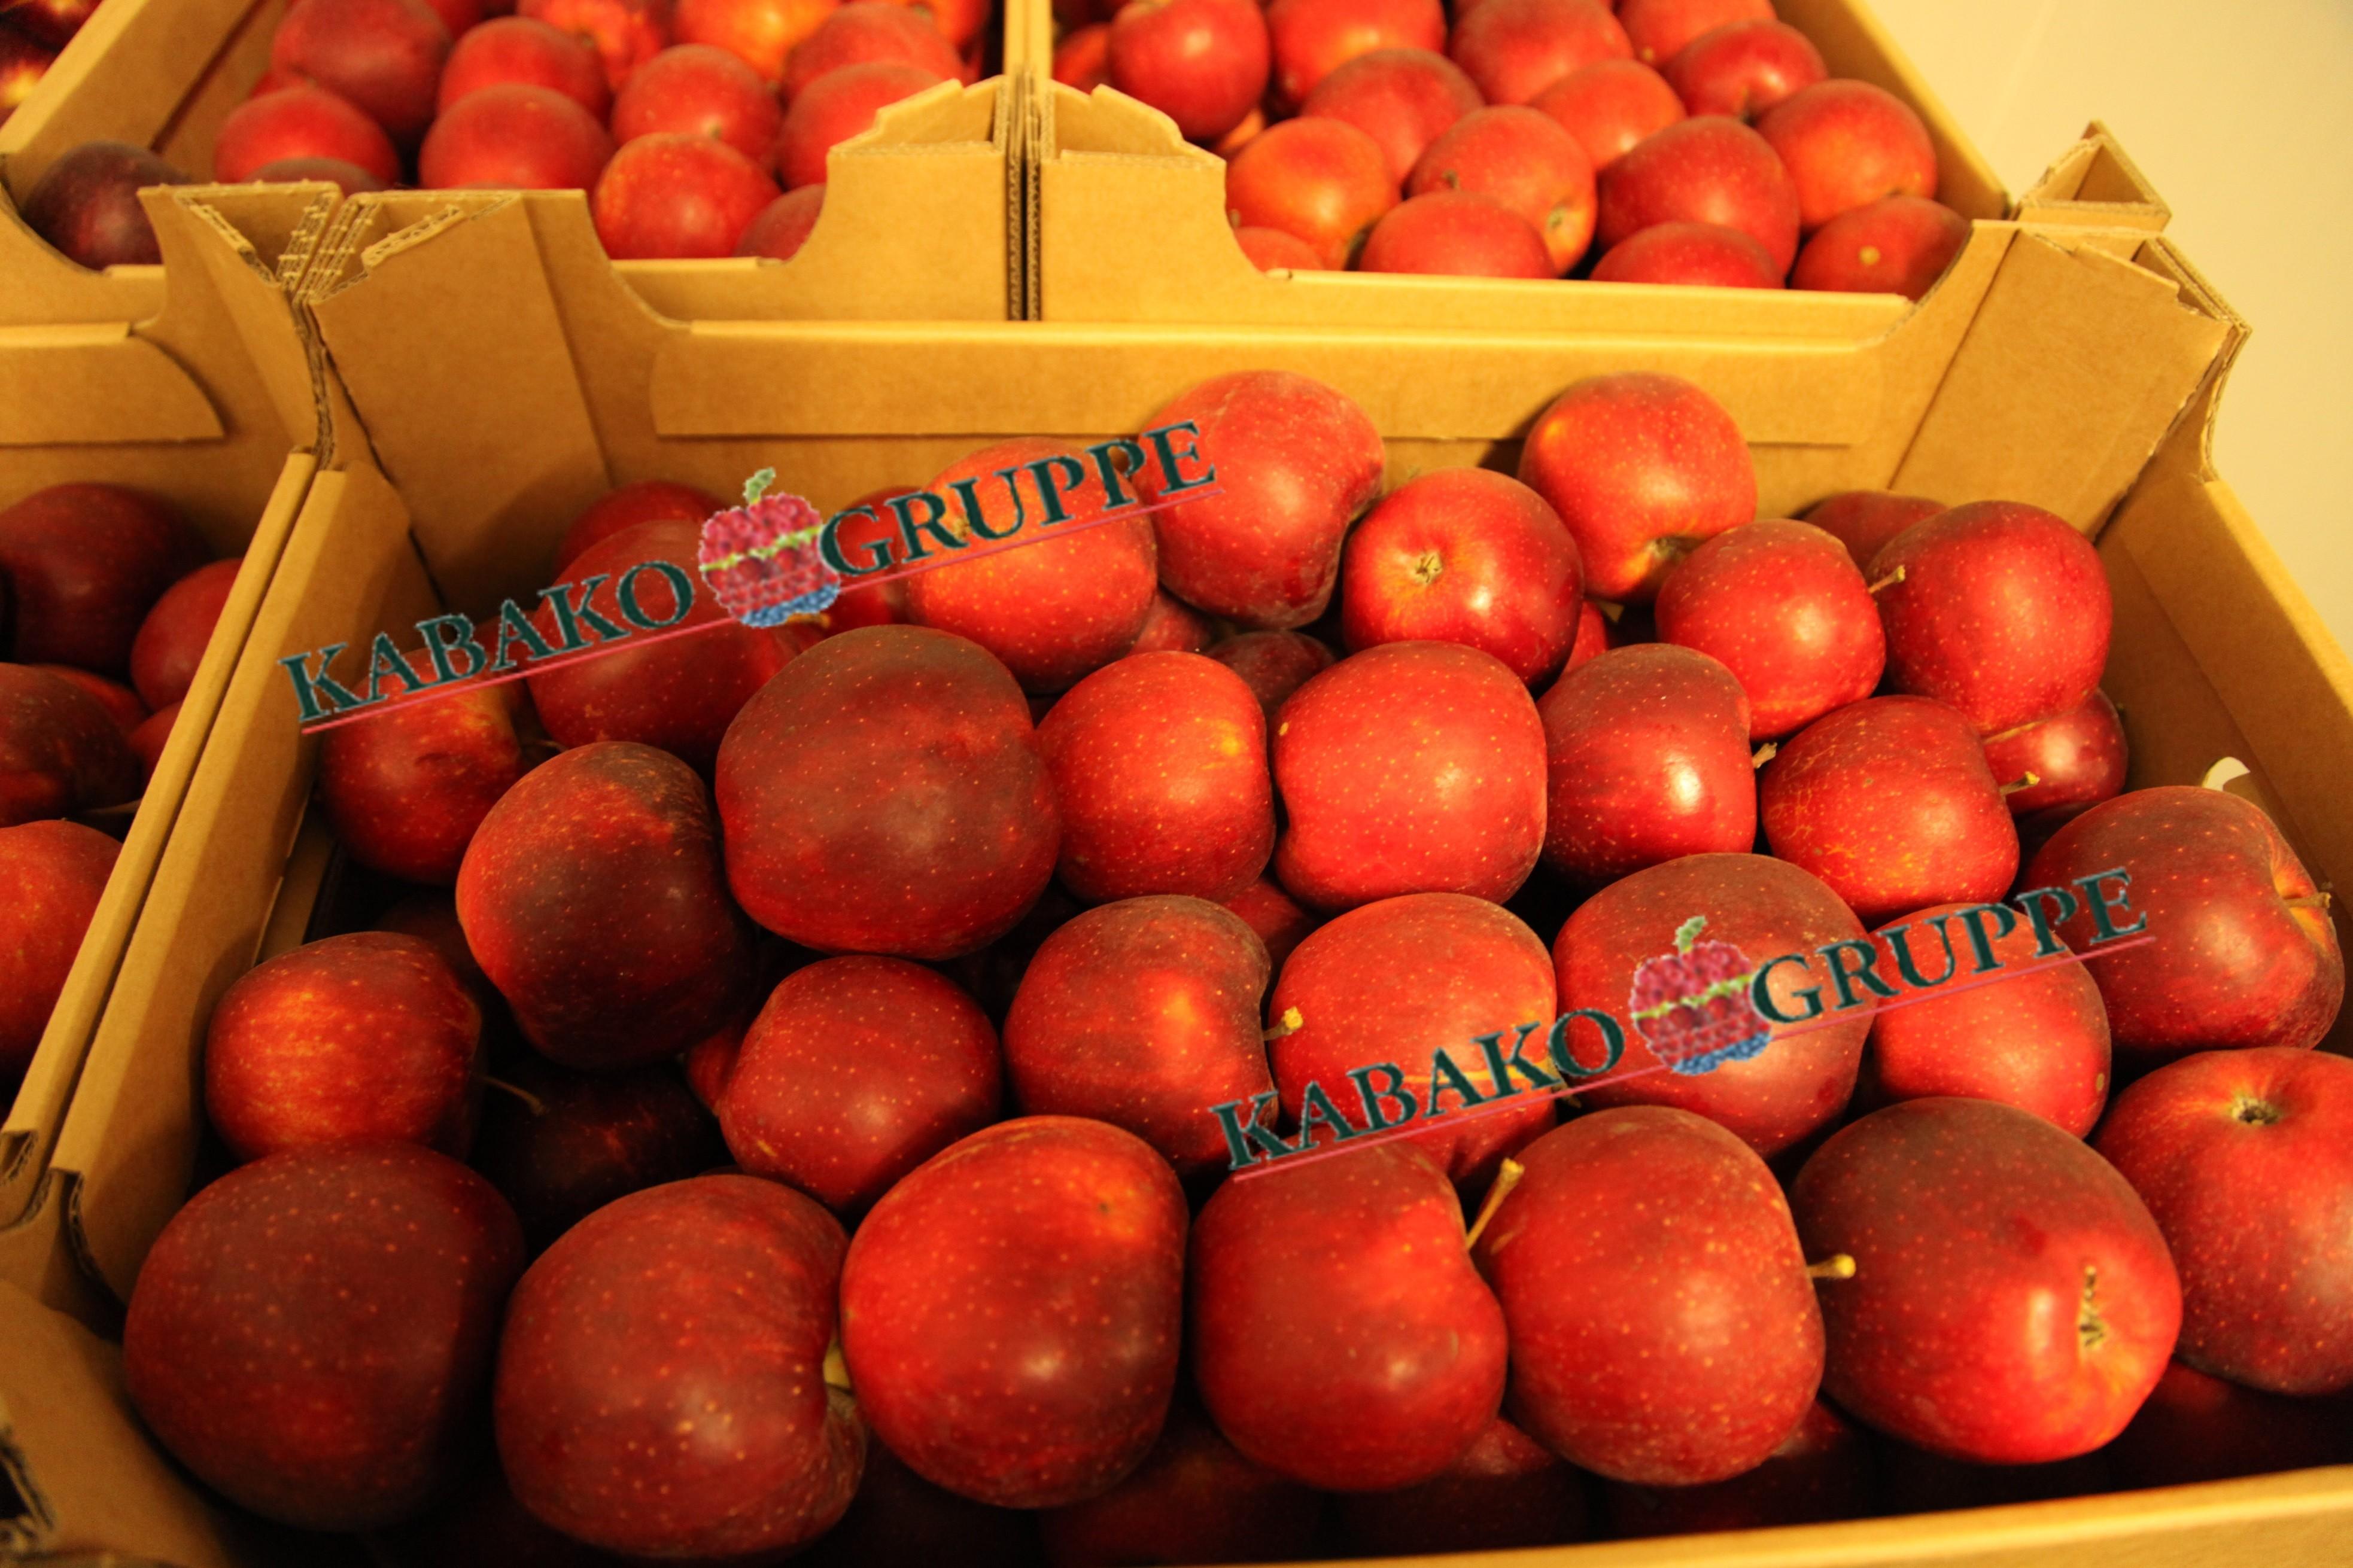 Frozen (IQF) Apples 82